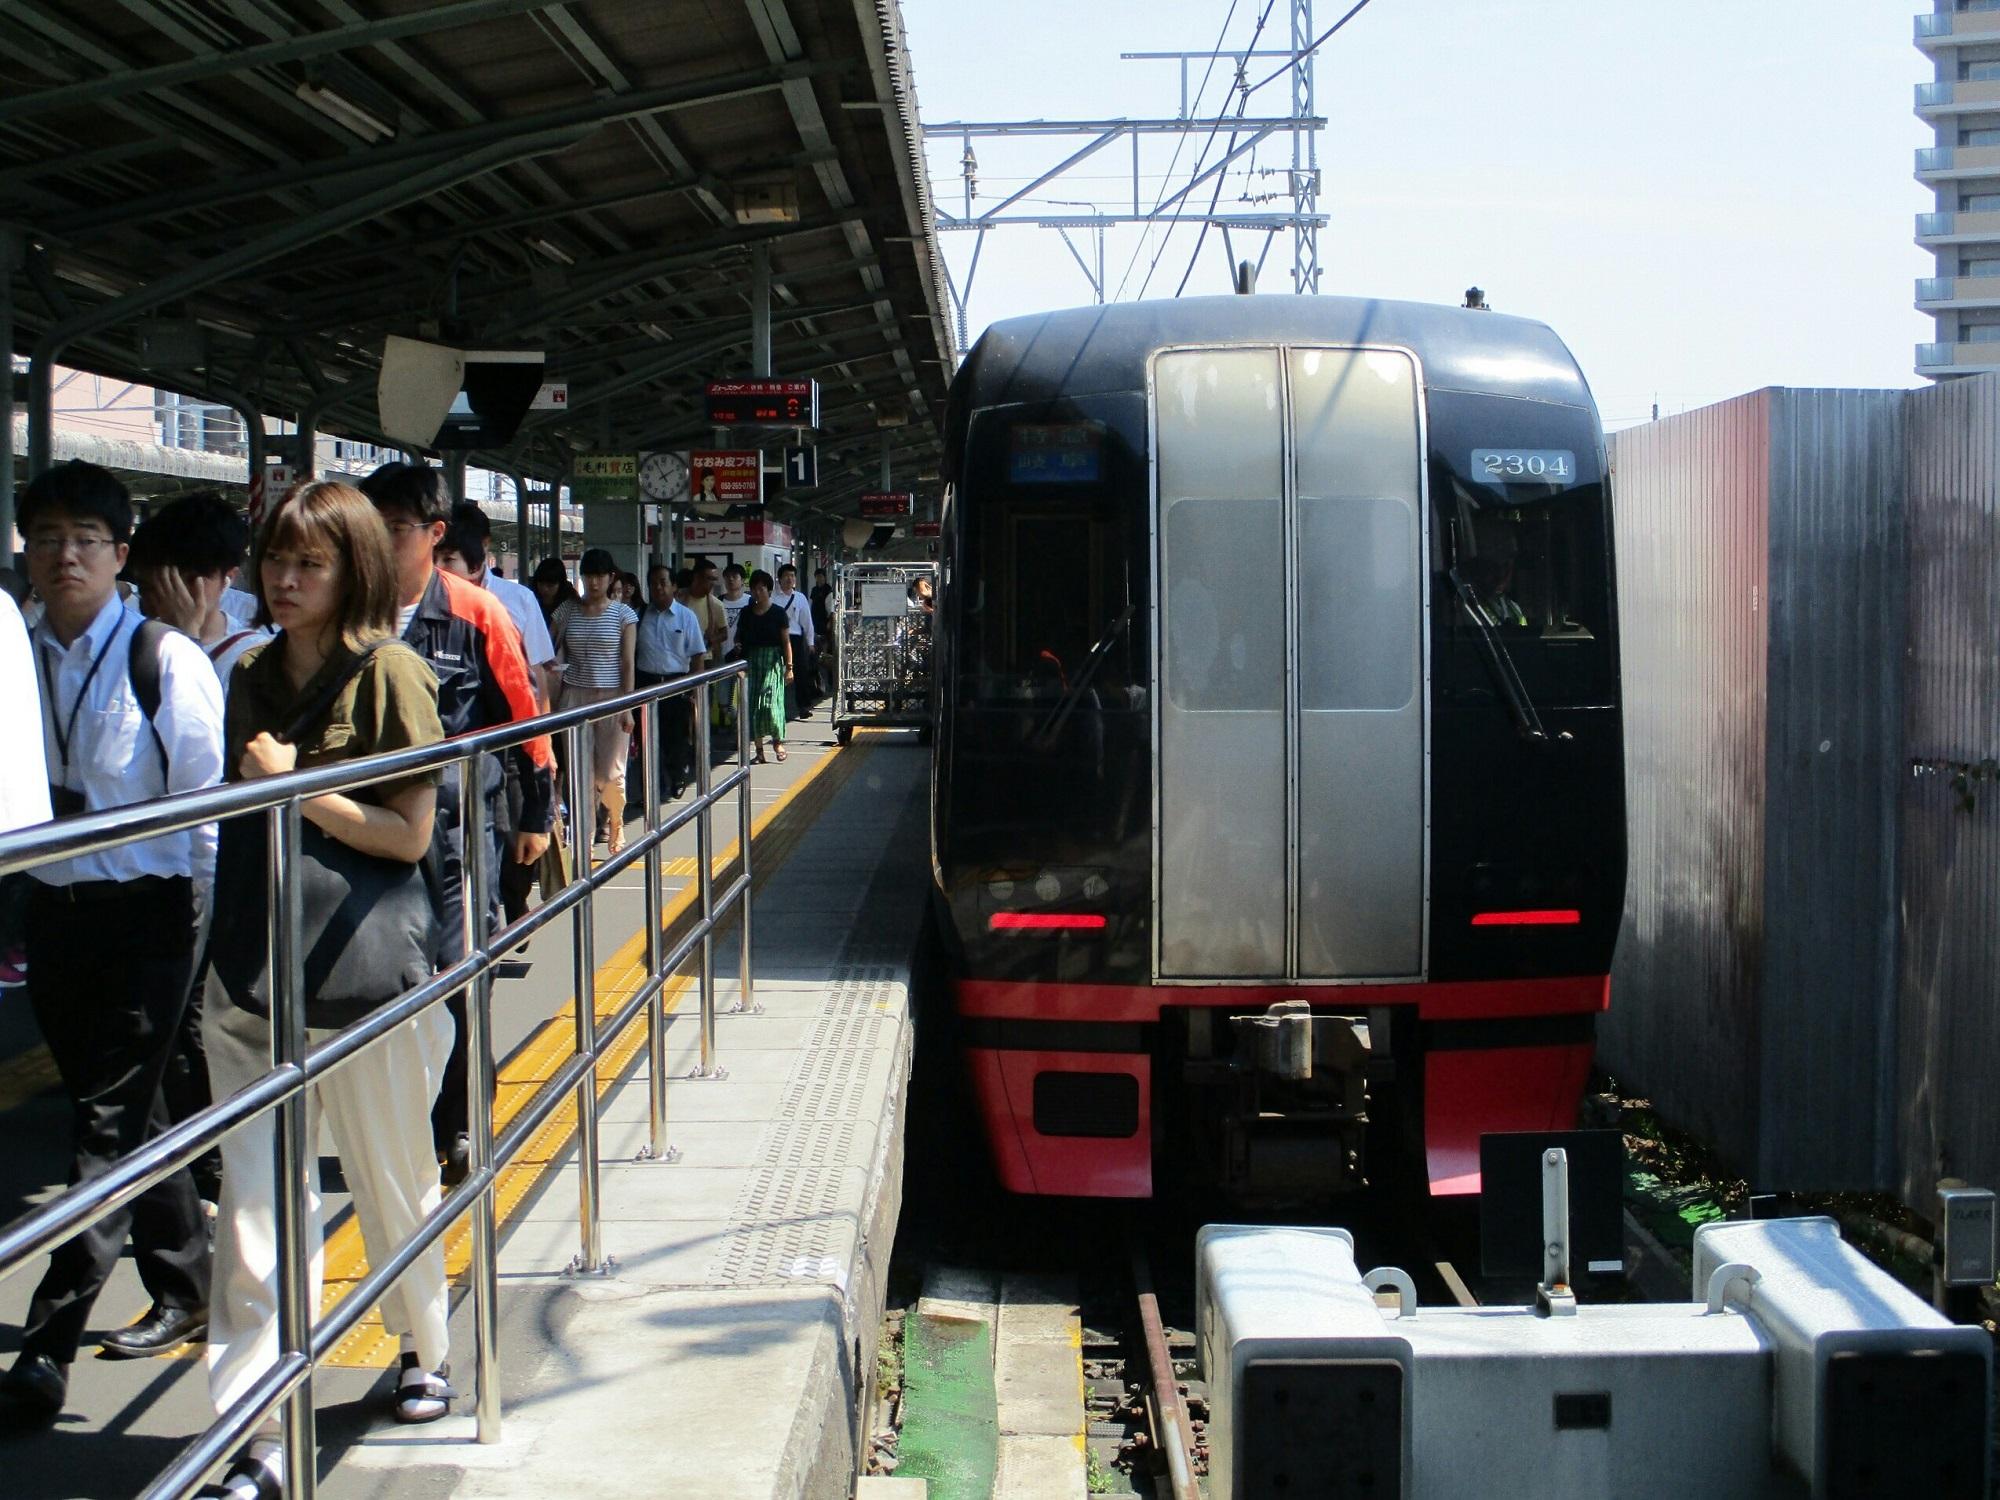 2018.7.18 (145) 岐阜 - 岐阜いき特急 2000-1500